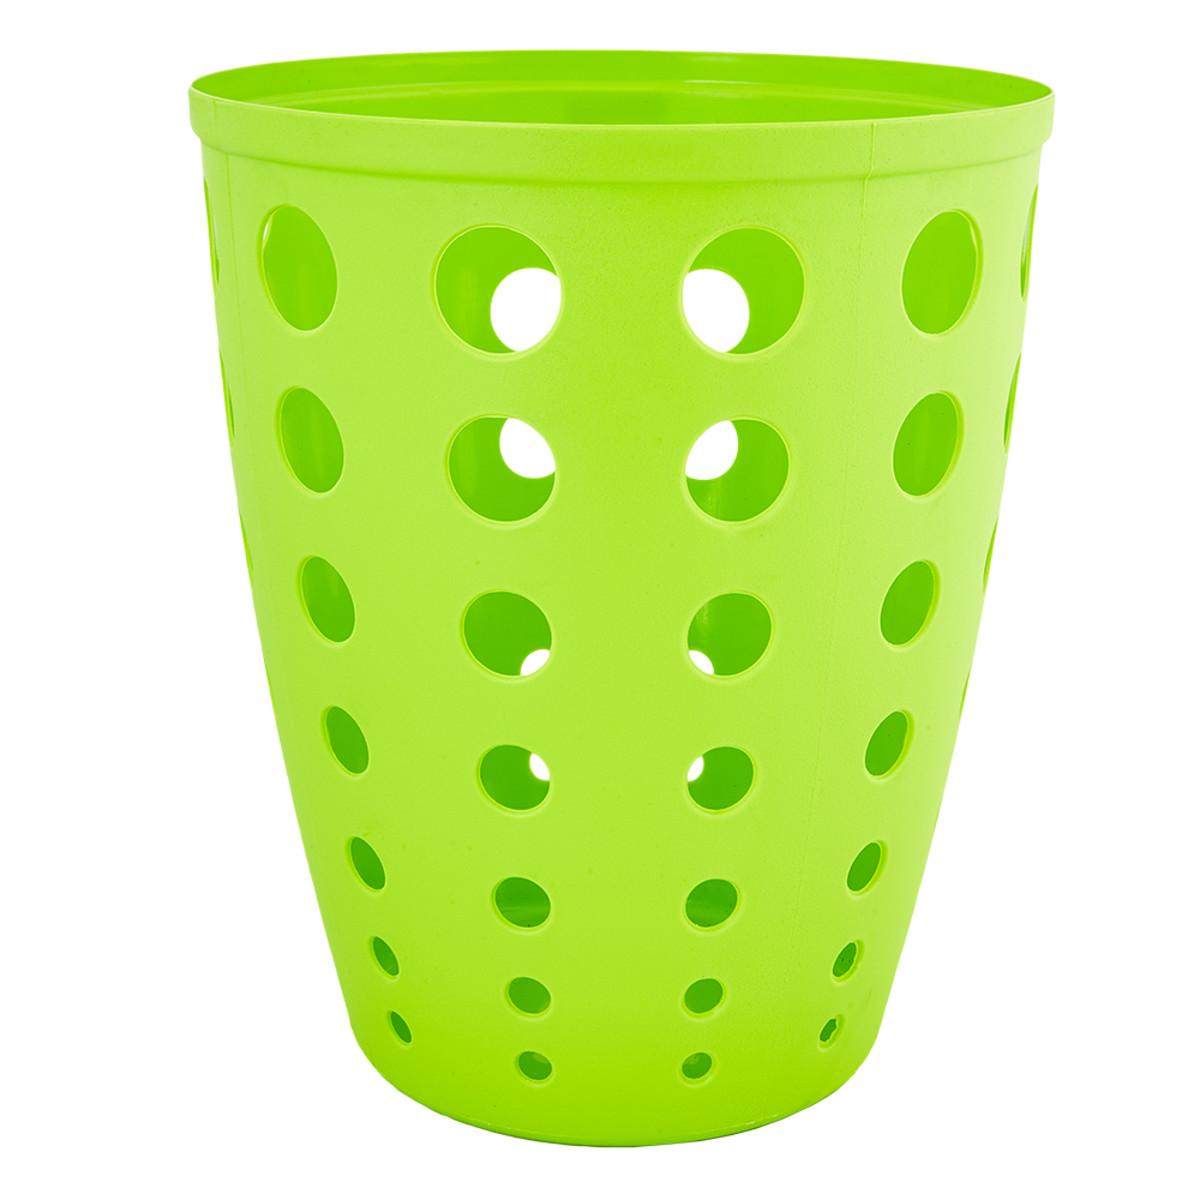 Контейнер для мусора Евро 13.5 л цвет зеленый